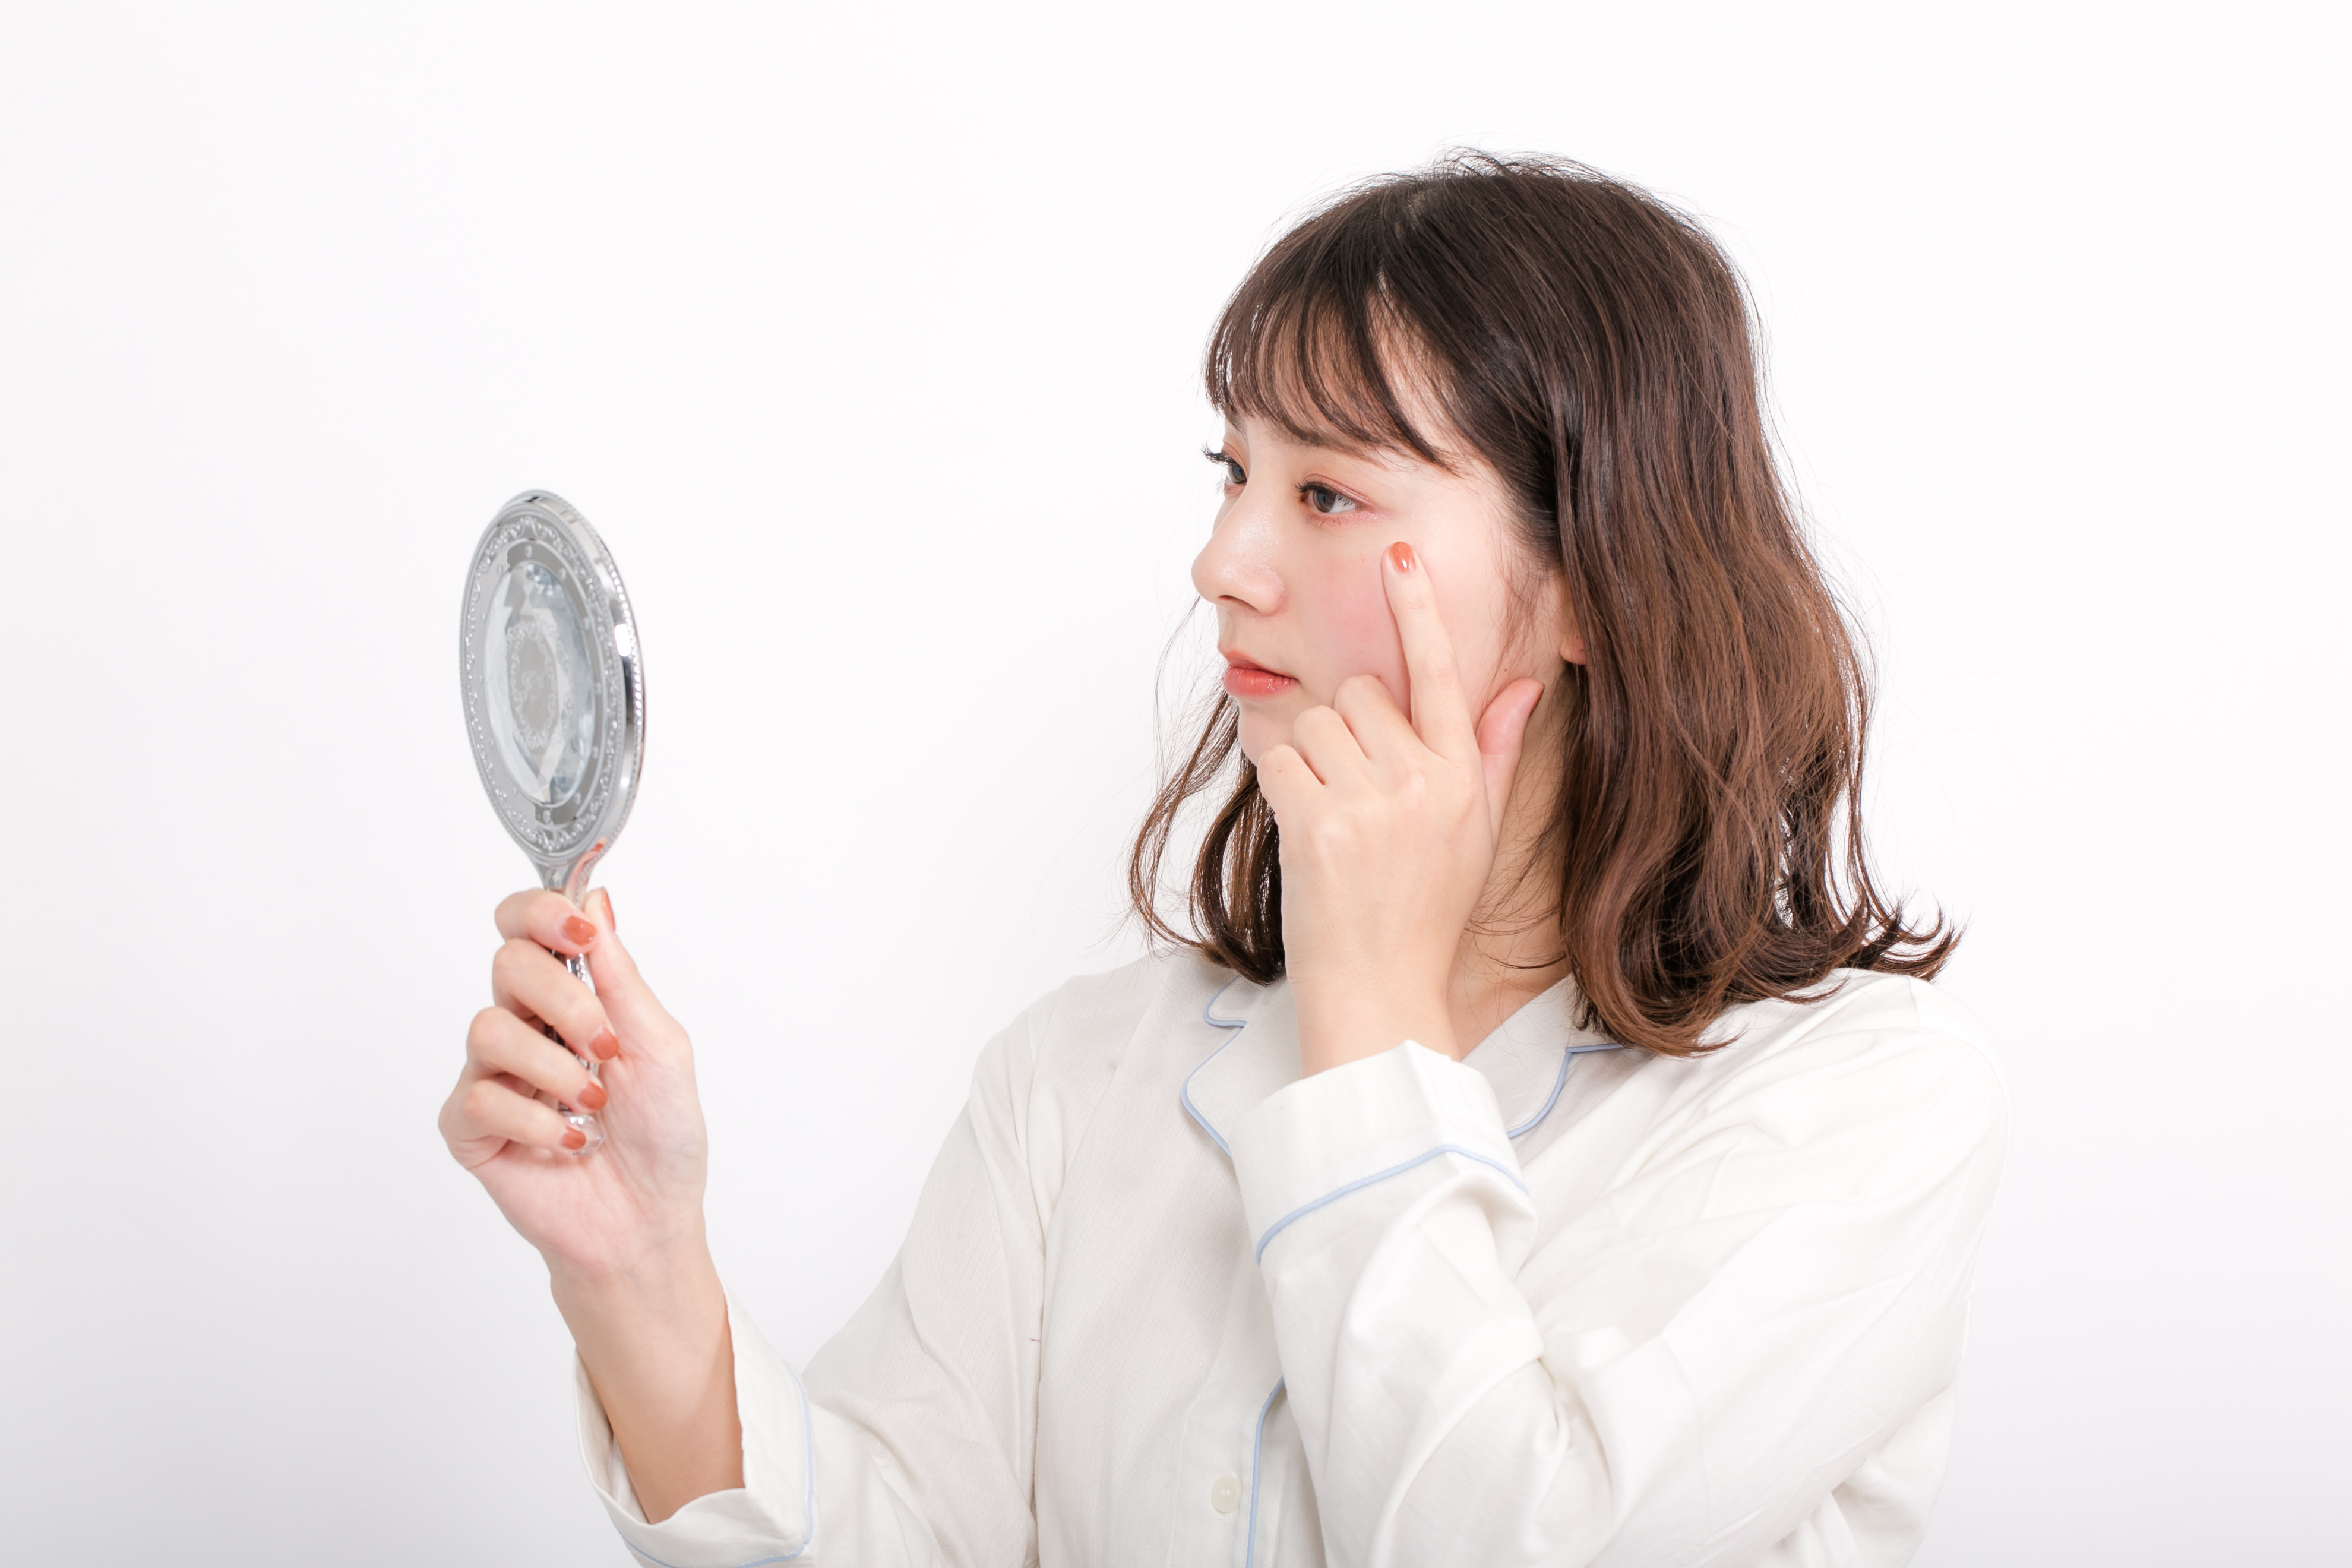 マツエクをして鏡を見ている女性